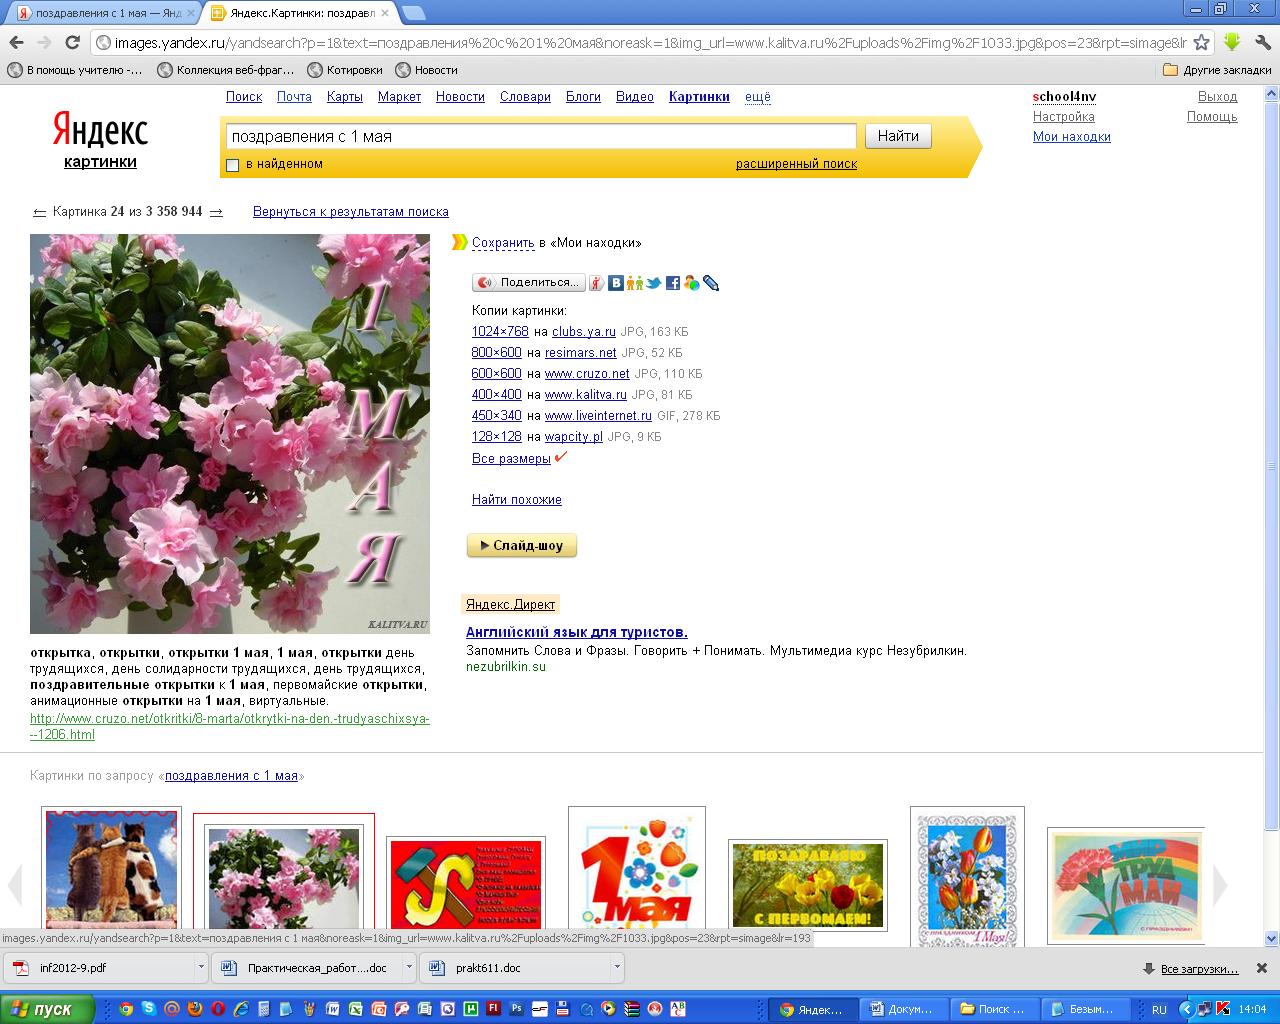 olyan webhelyek, amelyeken kereshet az interneten